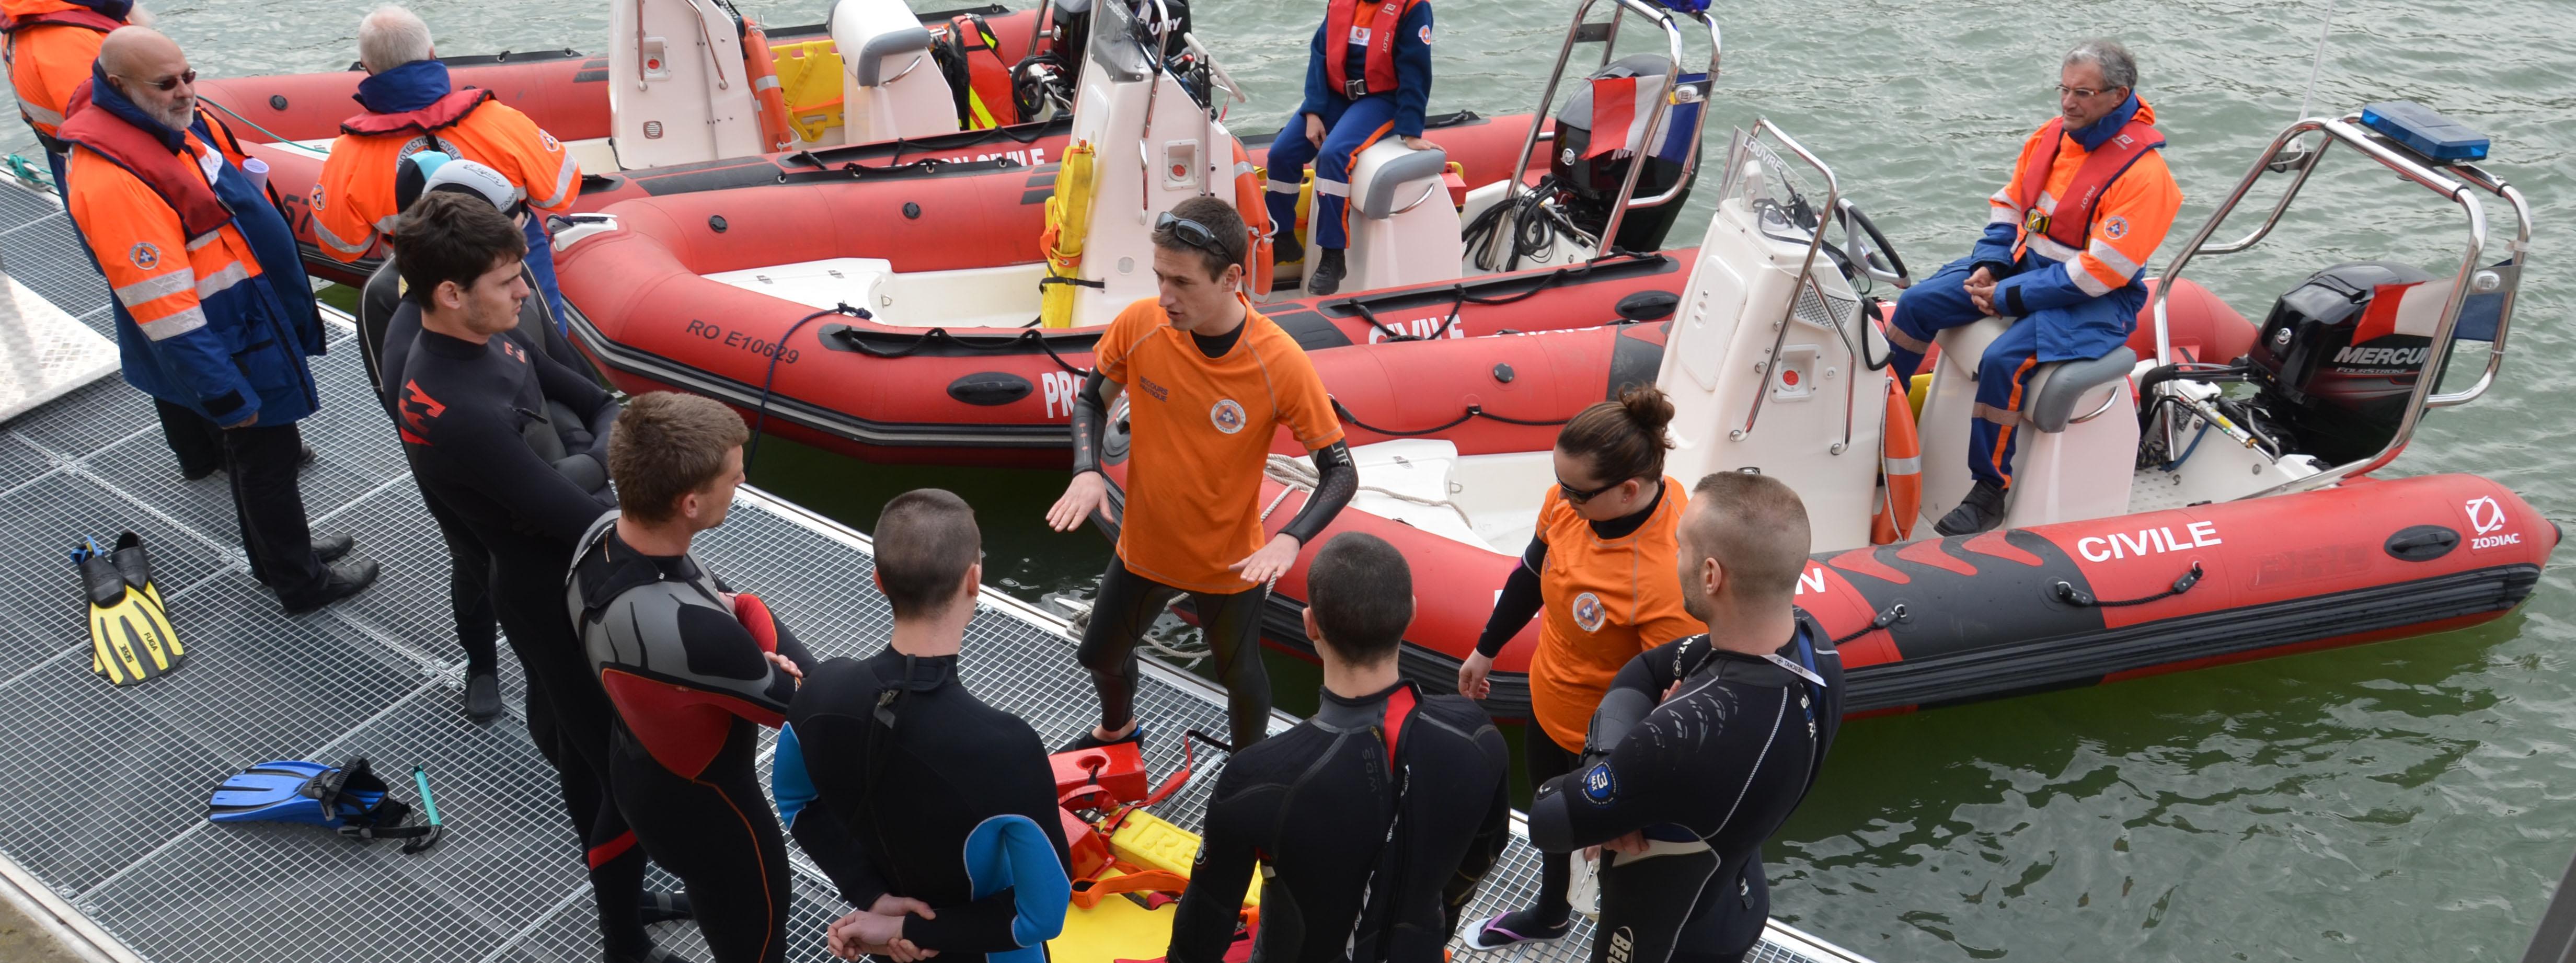 Formation-nautique-protection-civile-de-paris-1